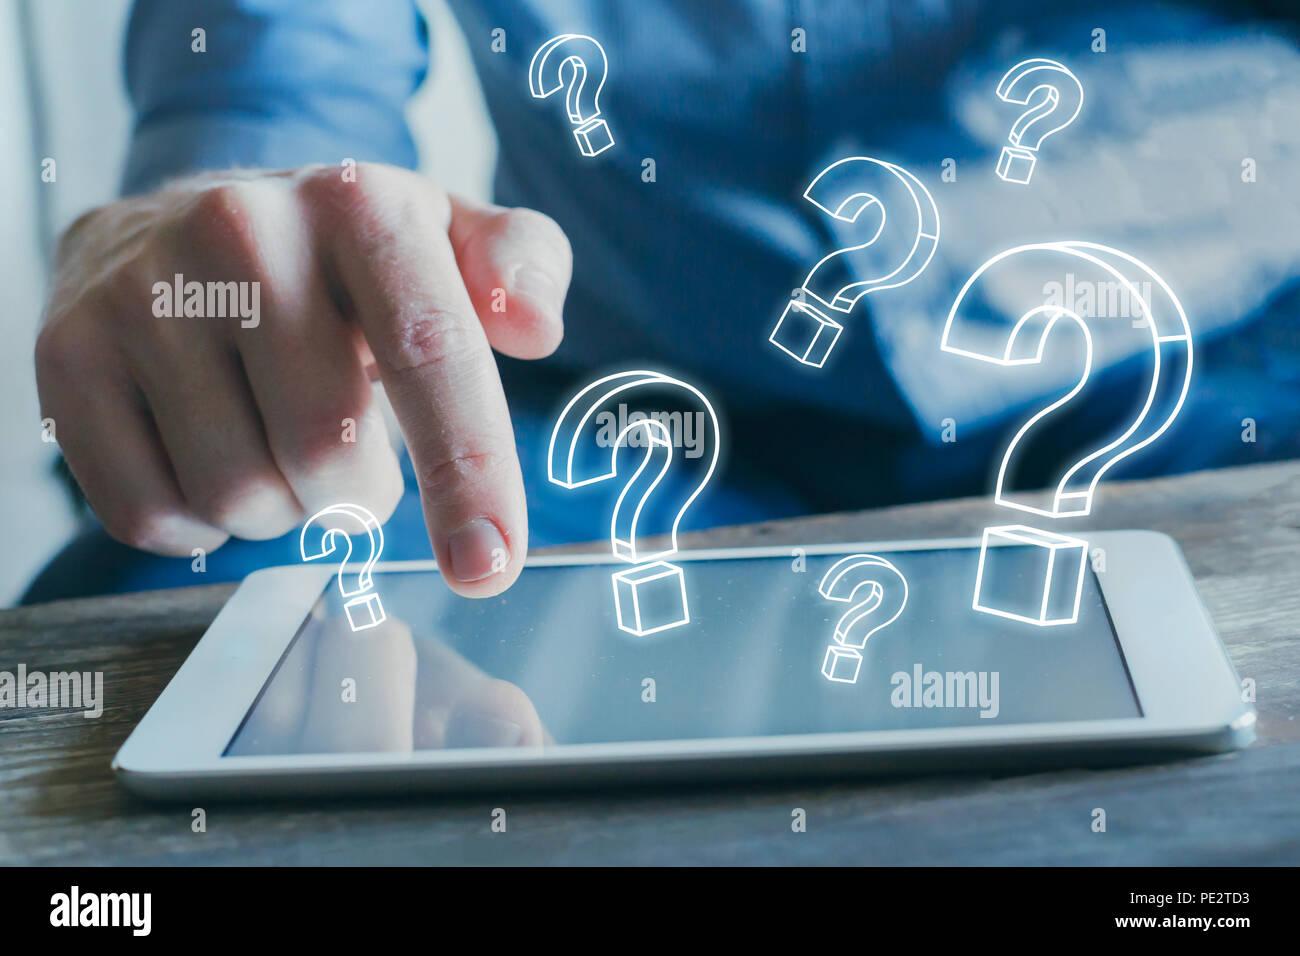 De nombreuses marques quiestion à partir de l'écran de l'ordinateur tablette, trouver de réponse en ligne, FAQ Concept, quoi où quand comment et pourquoi, l'information en matière de recherche sur internet Photo Stock